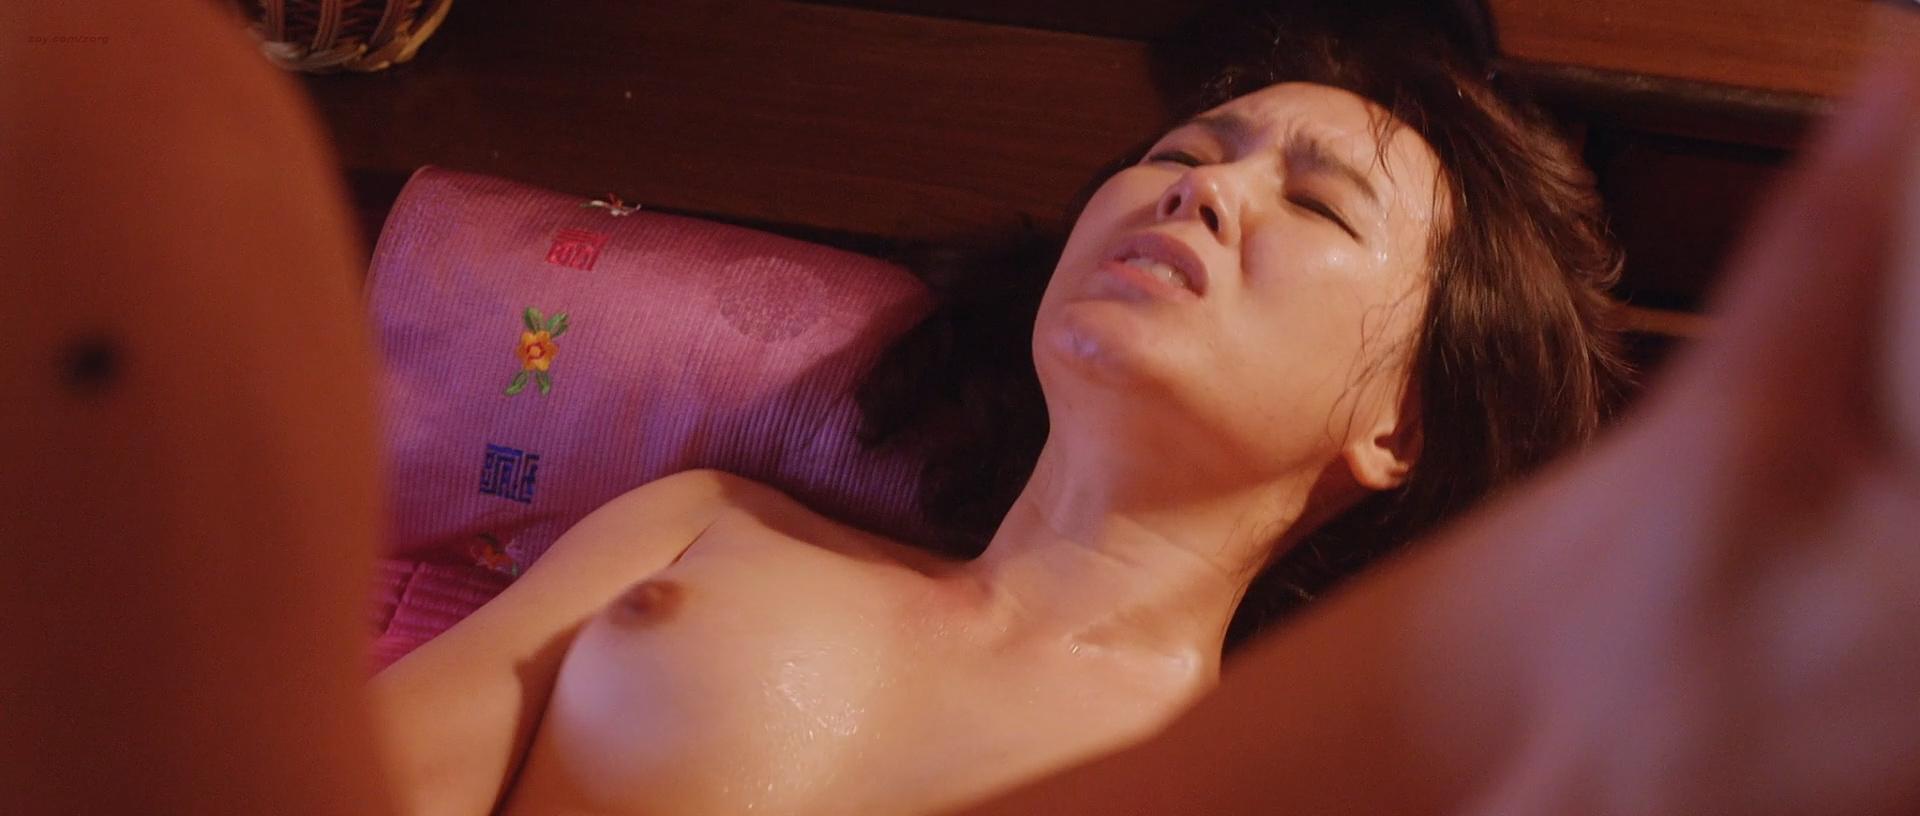 Korean actress nude tumblr-6850